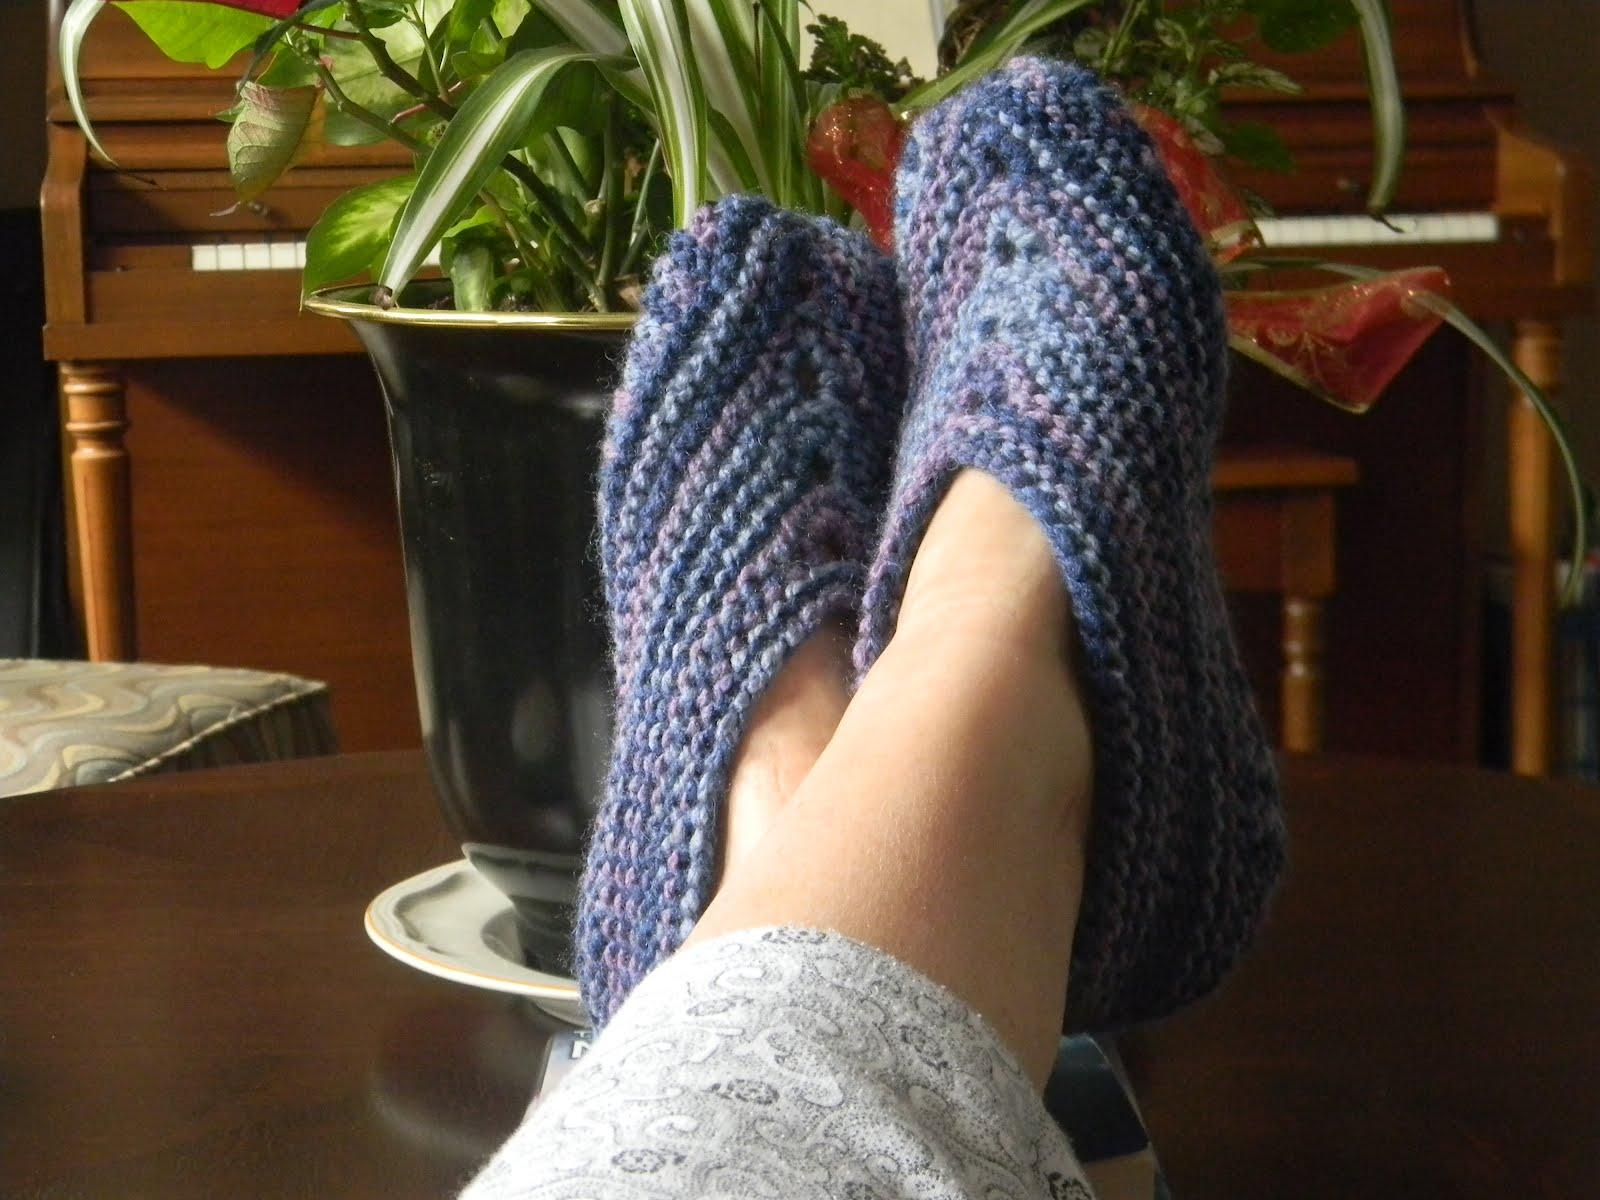 Knitting Patterns For Slippers Phentex : RunAwayKnitter